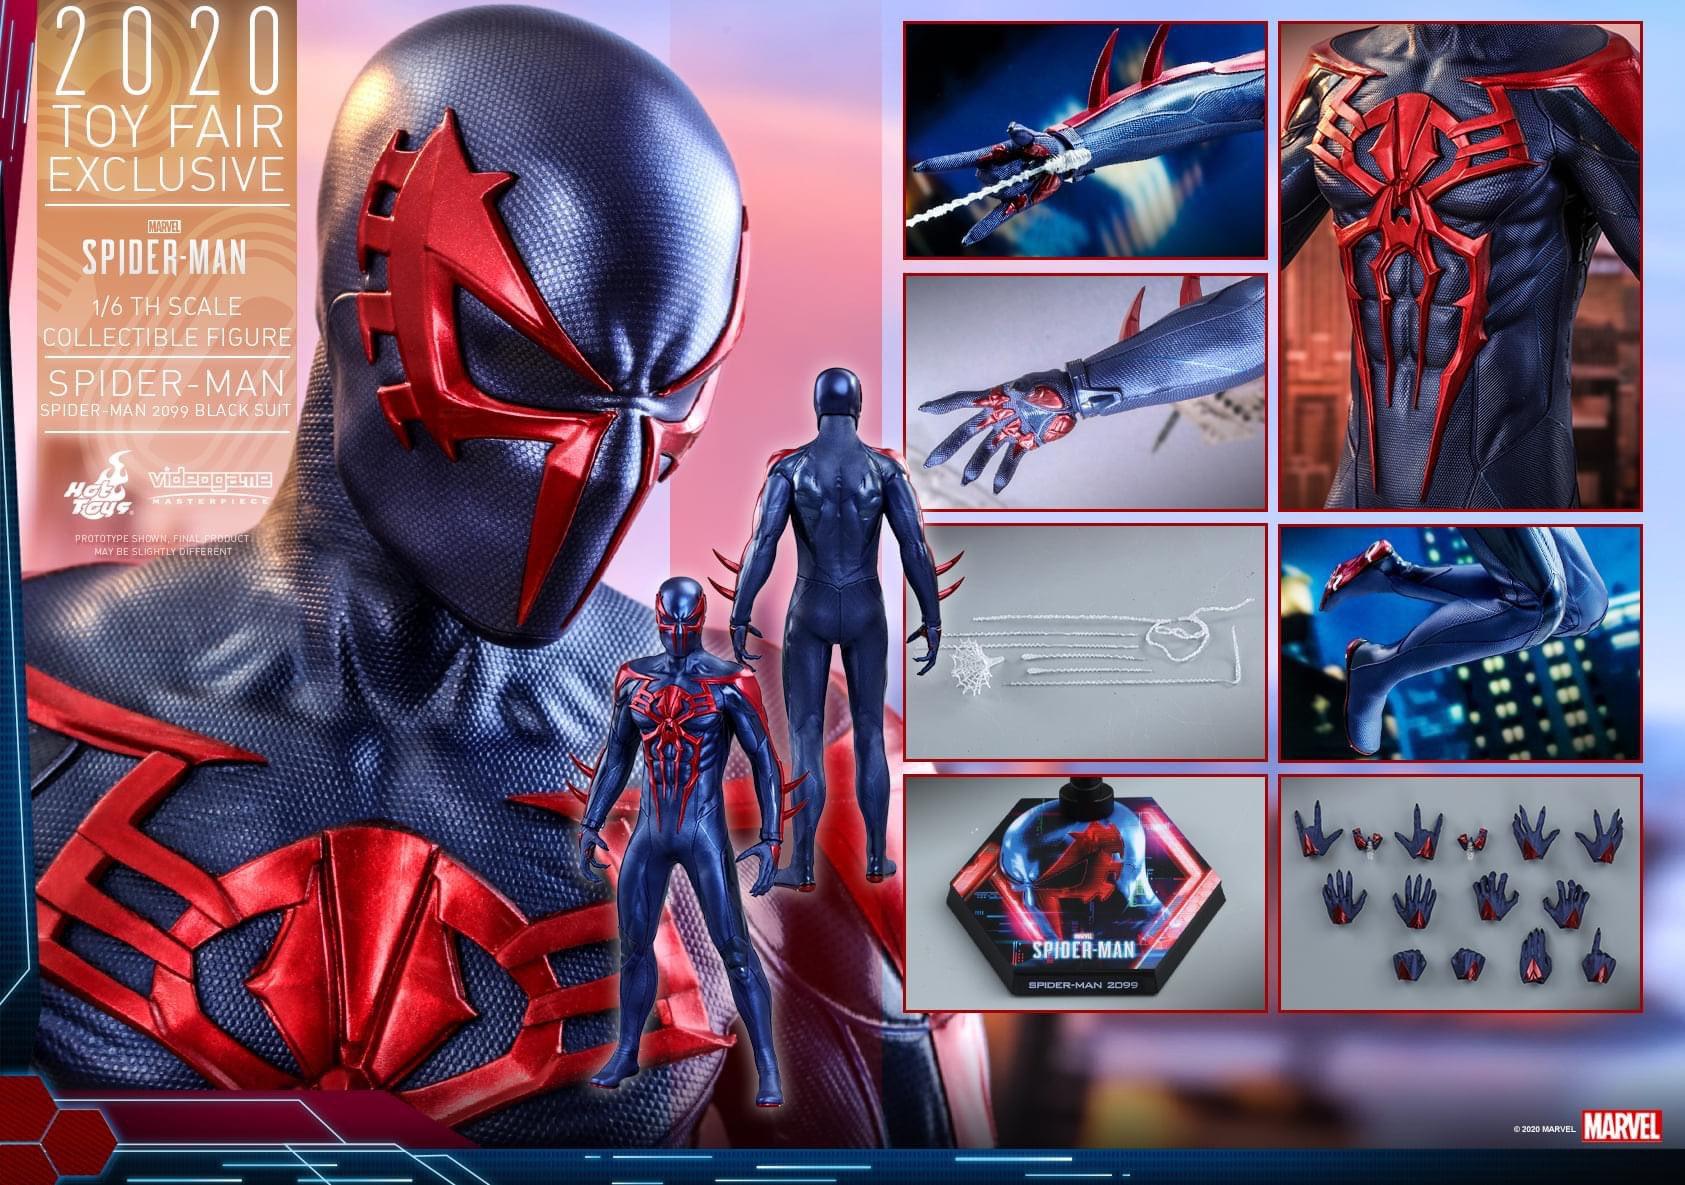 ビデオゲーム・マスターピース スパイダーマン2099